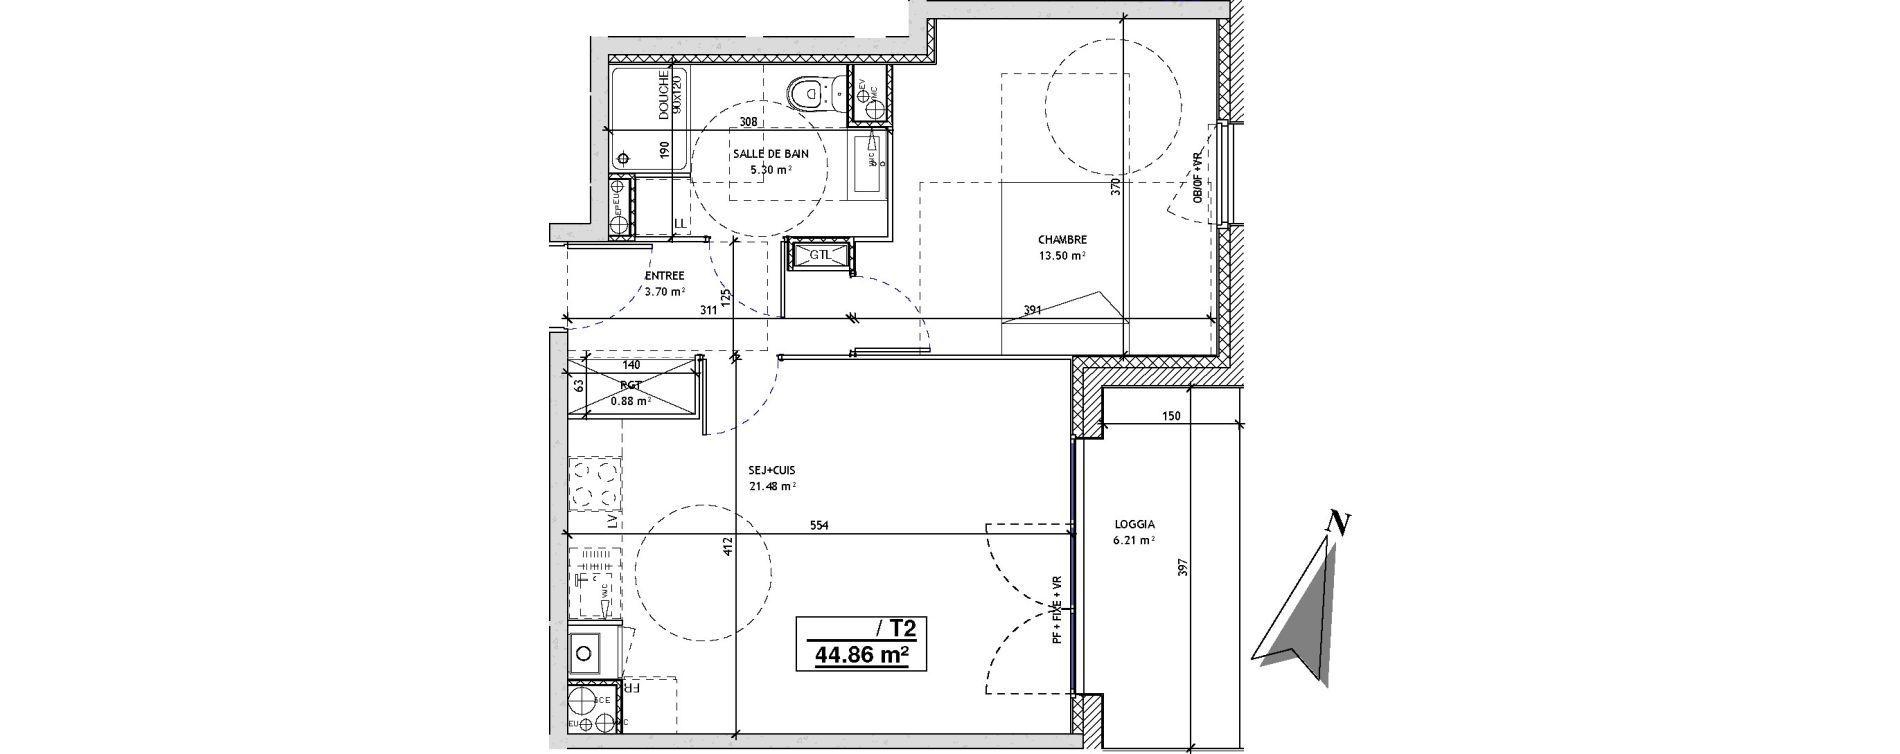 Appartement T2 de 44,86 m2 à Mons-En-Barœul Centre